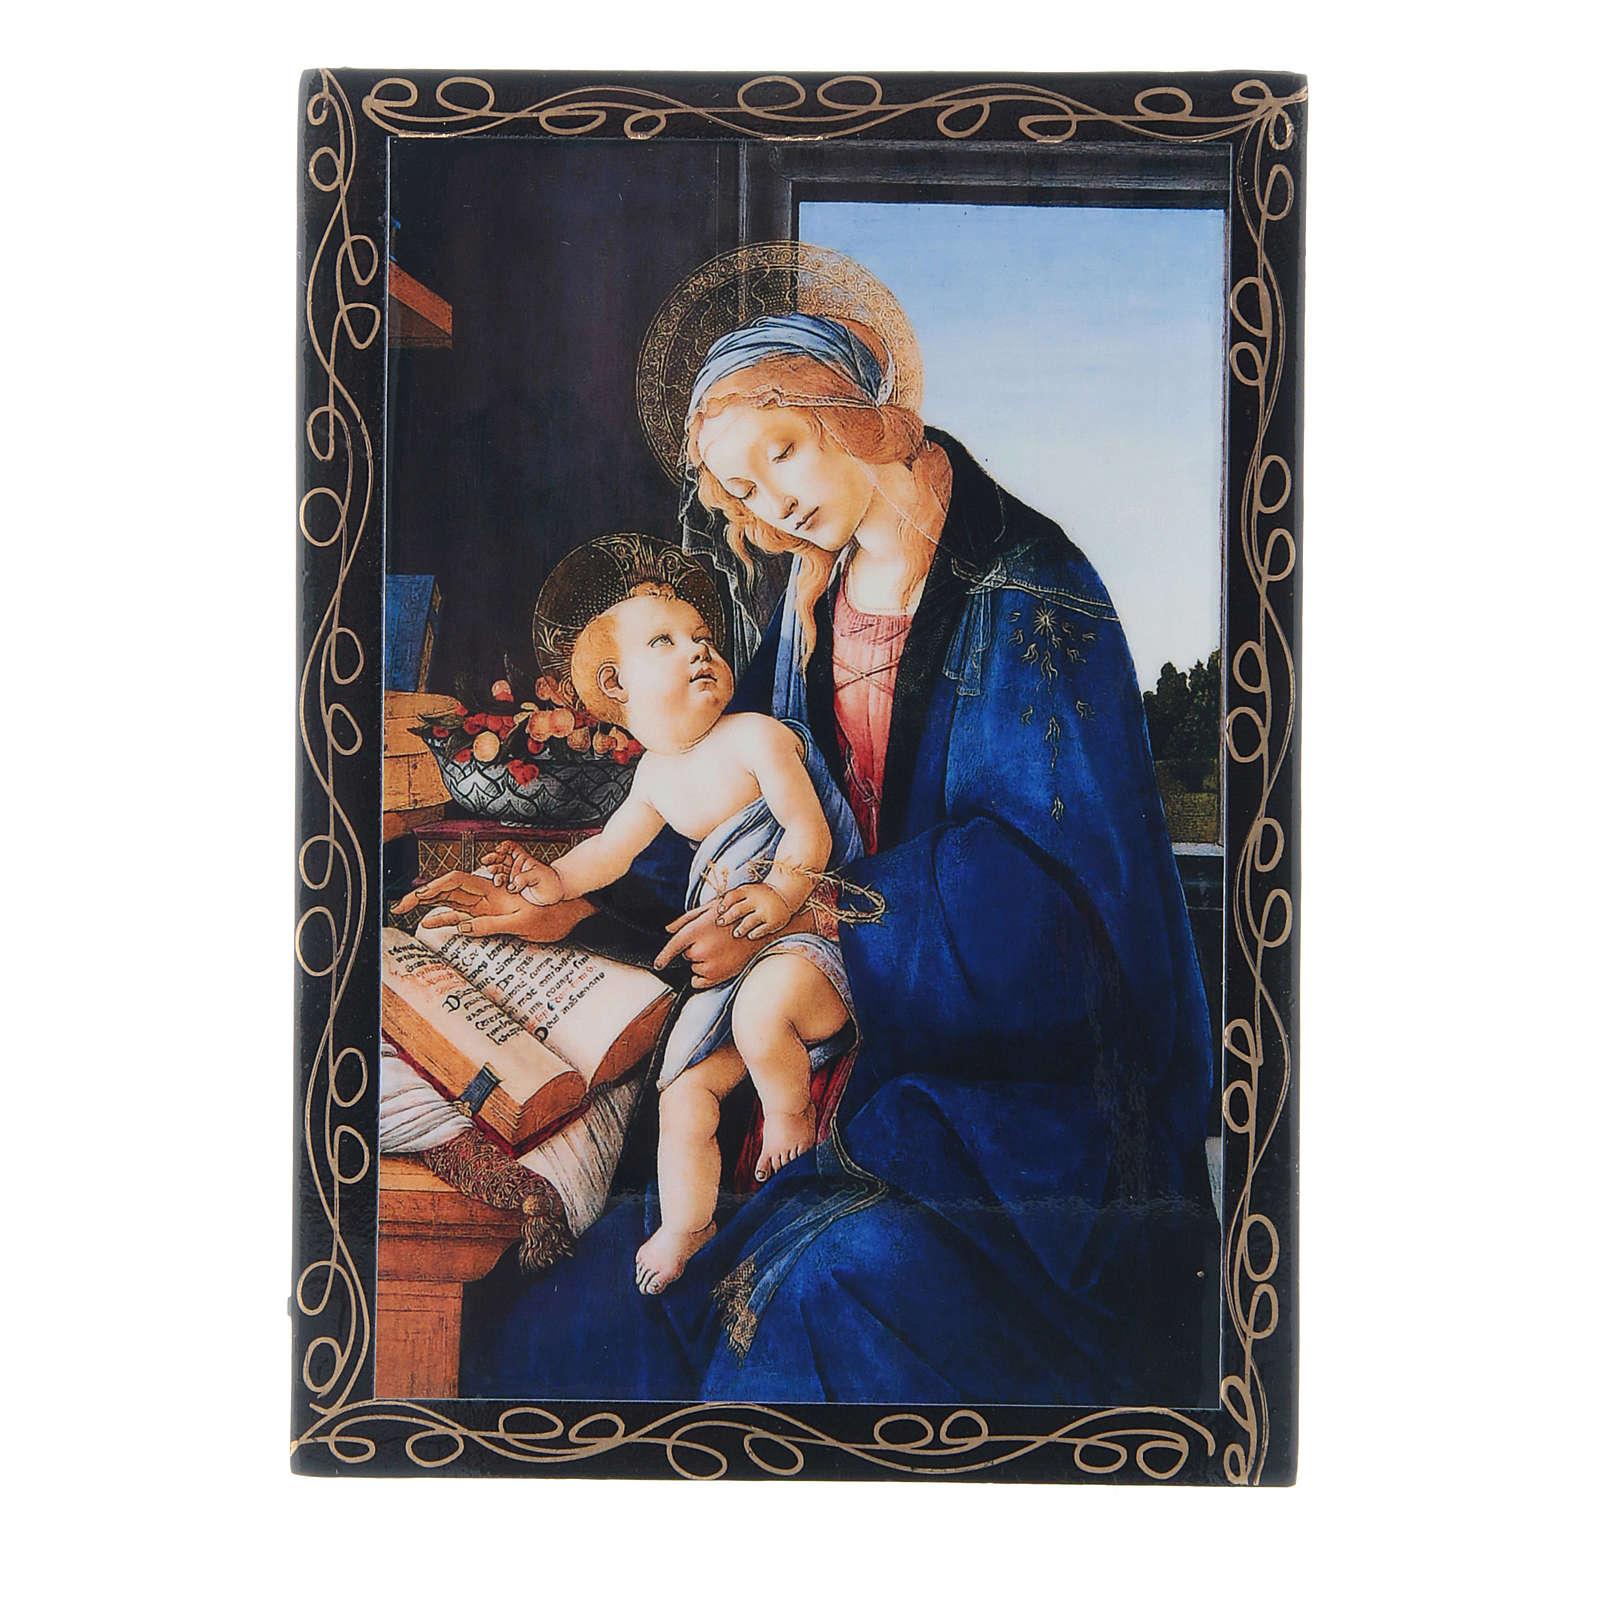 Lacca papier machè russa La Madonna del Libro 14X10 cm 4